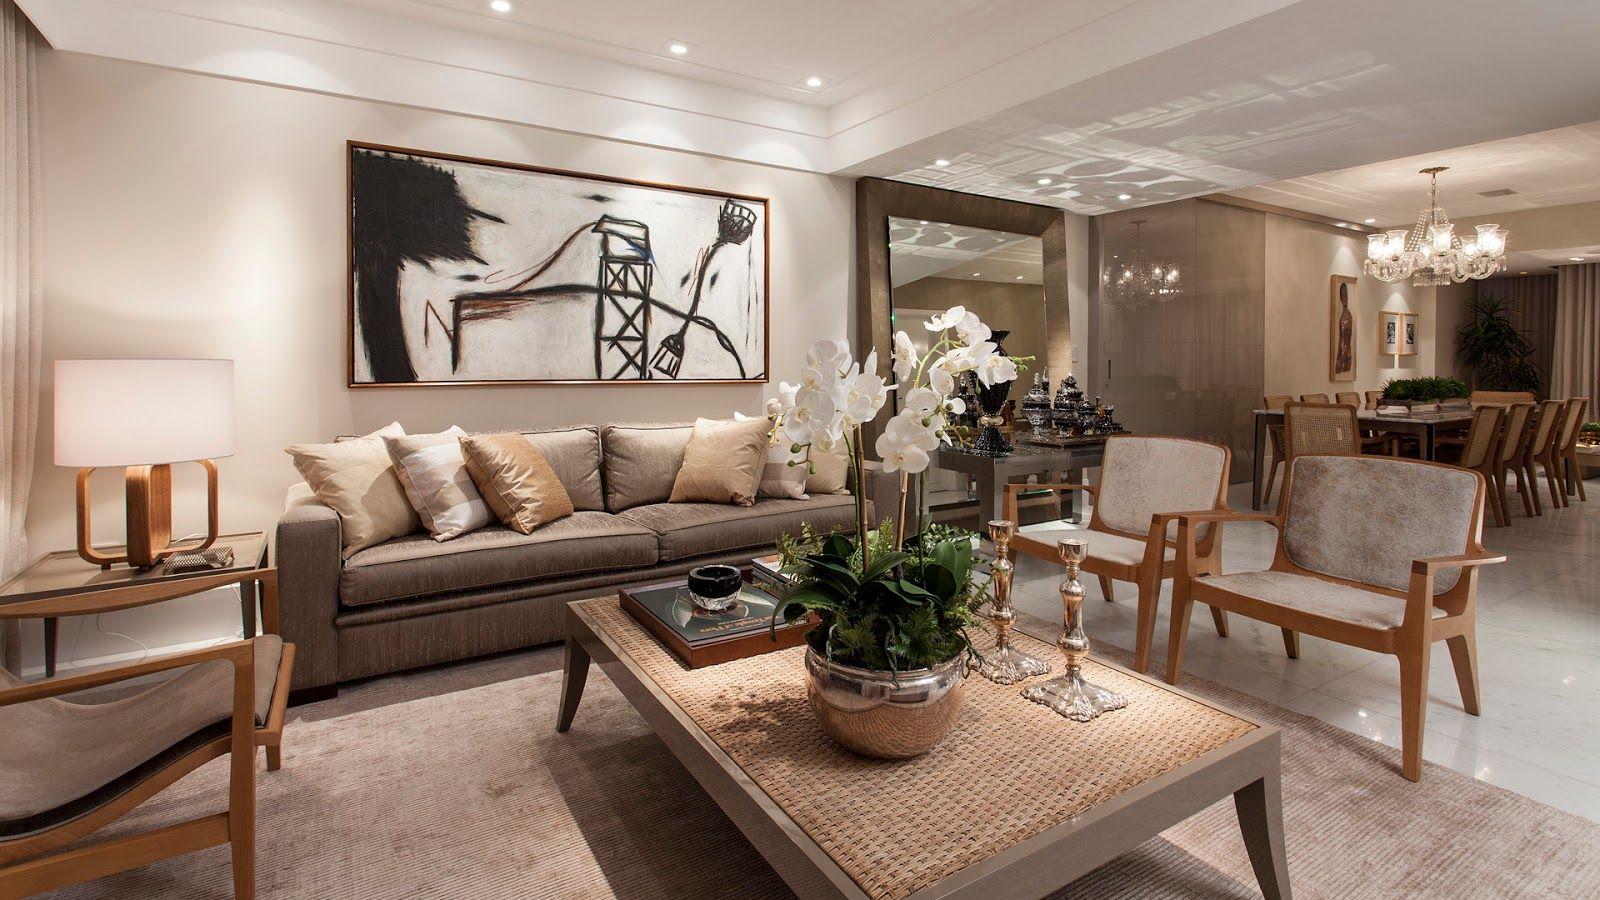 Salas de estar, jantar, tv, bate papo e varanda decoradas ... - photo#22